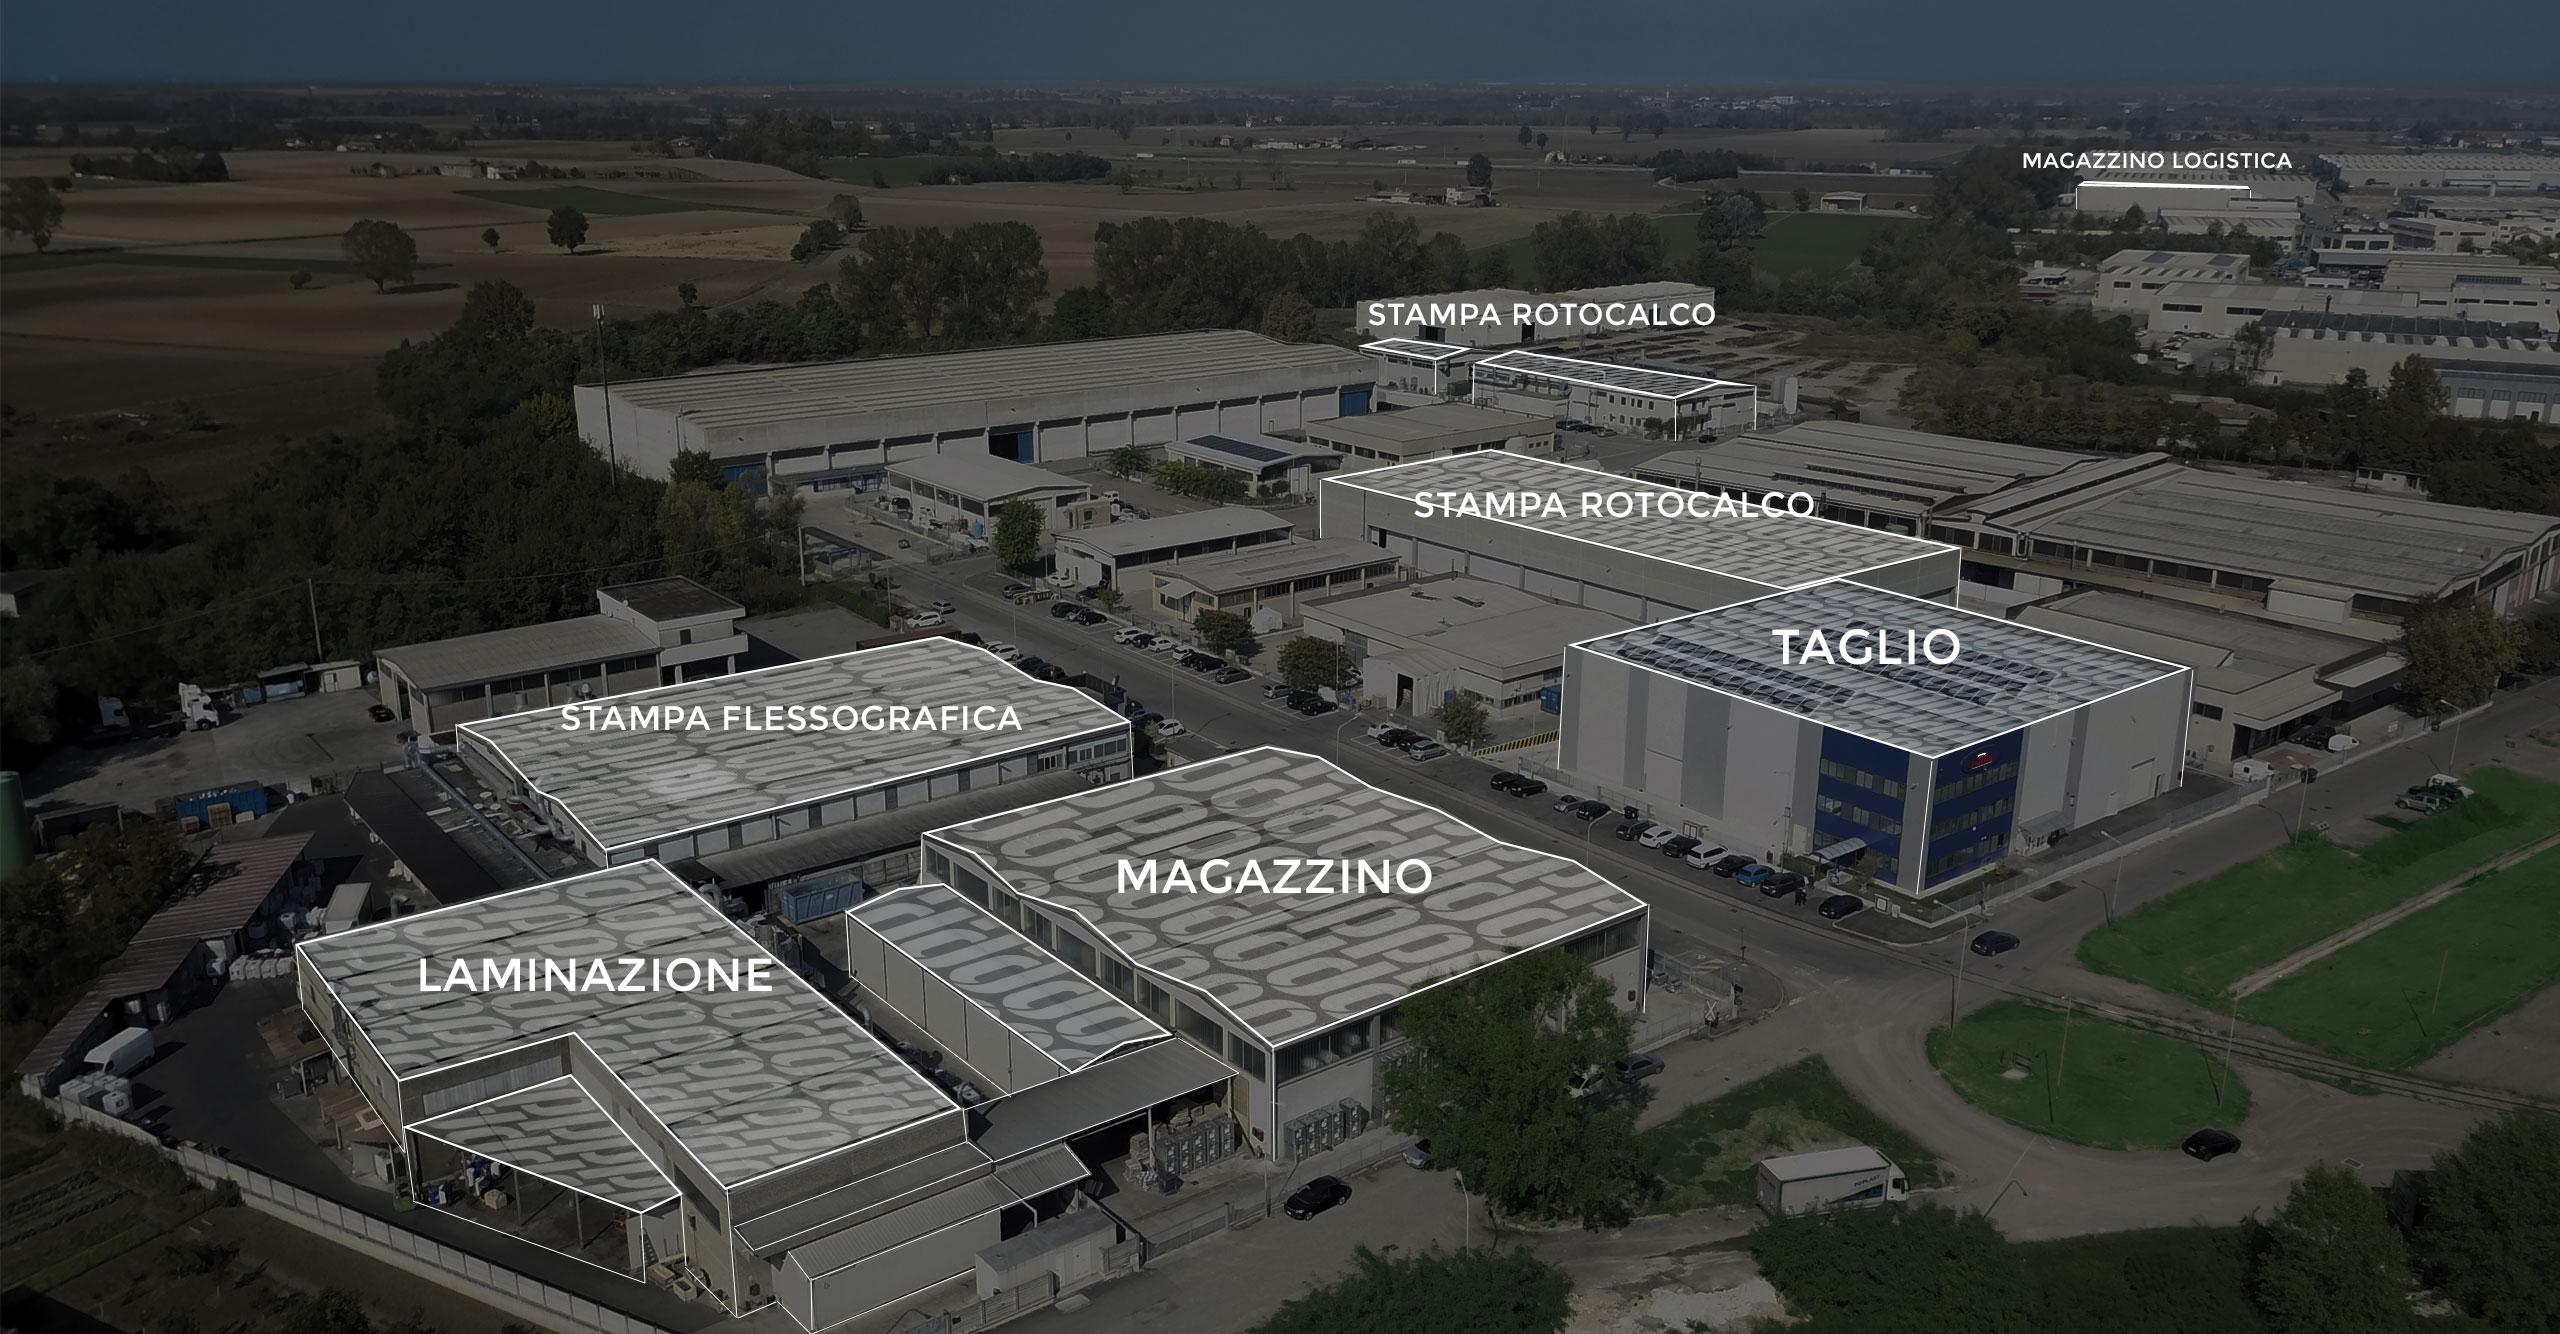 stabilimenti_homepage-1 Home